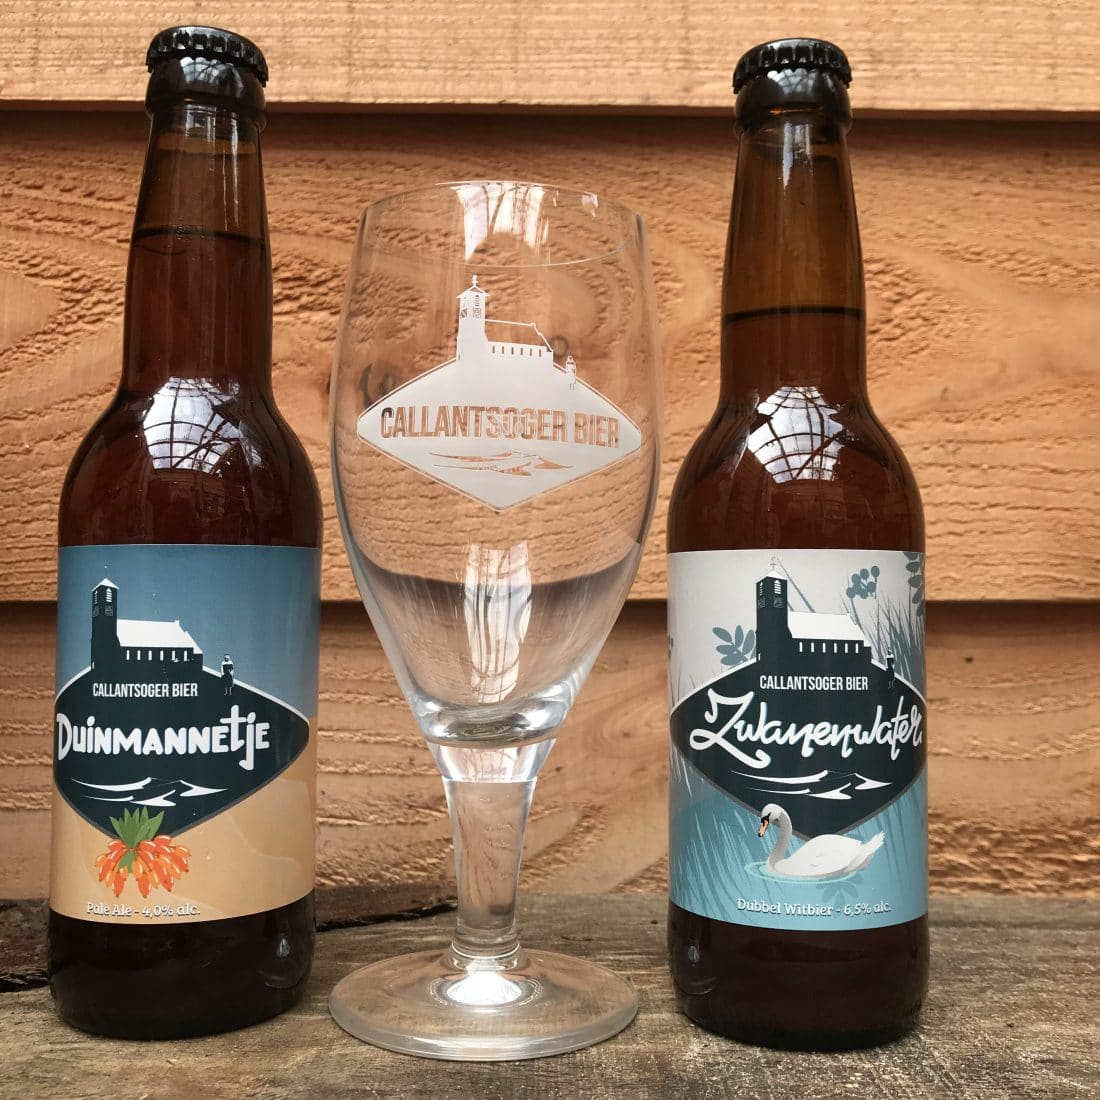 Speciaalbier Proeverij Callantsoger Bier Duinmannetje Amp Zwanenwater Met Speciaalbier Glas